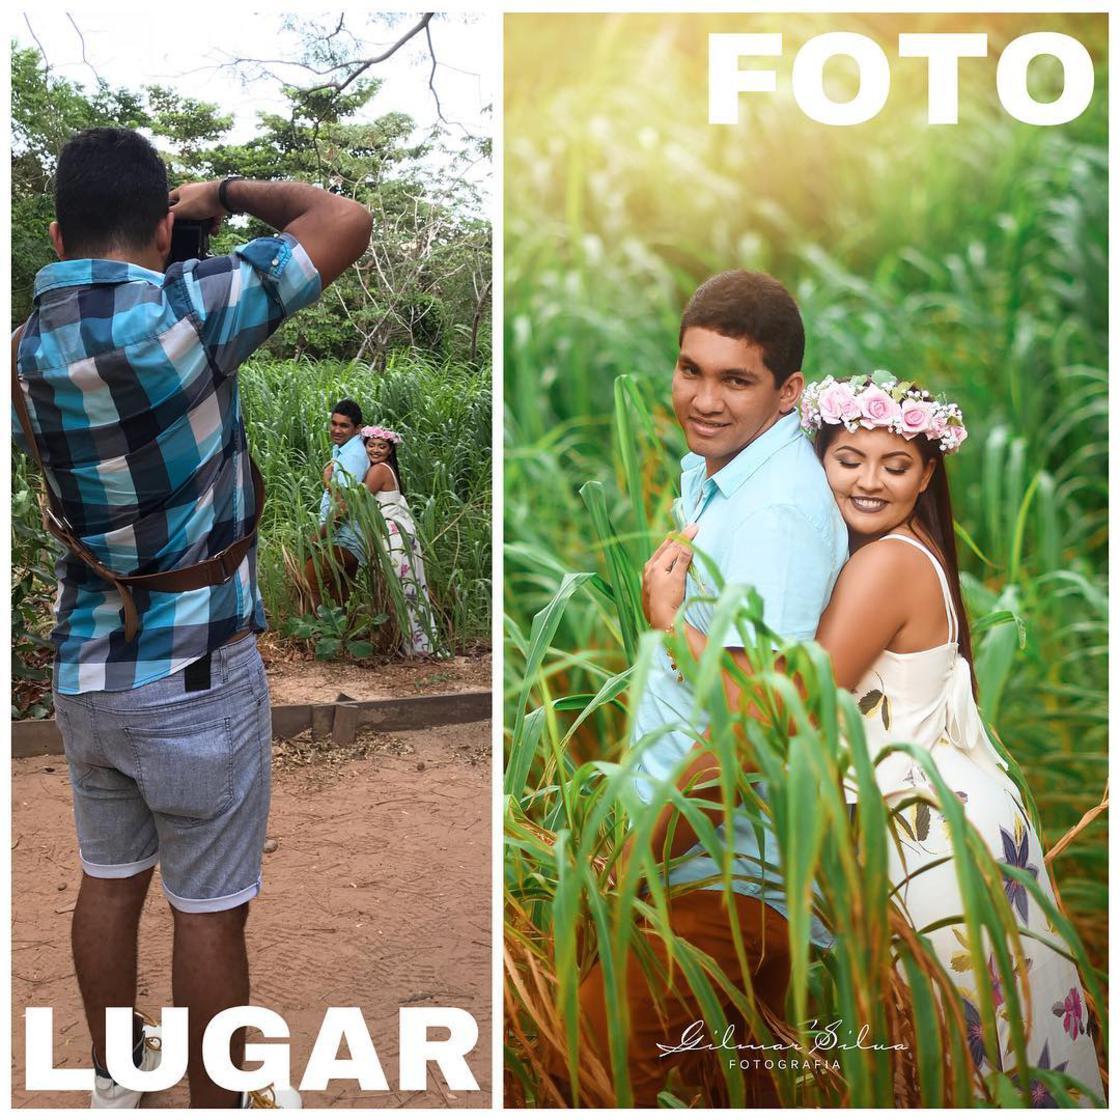 Découvrez les coulisses de photos de grossesses d'un photographe. 17